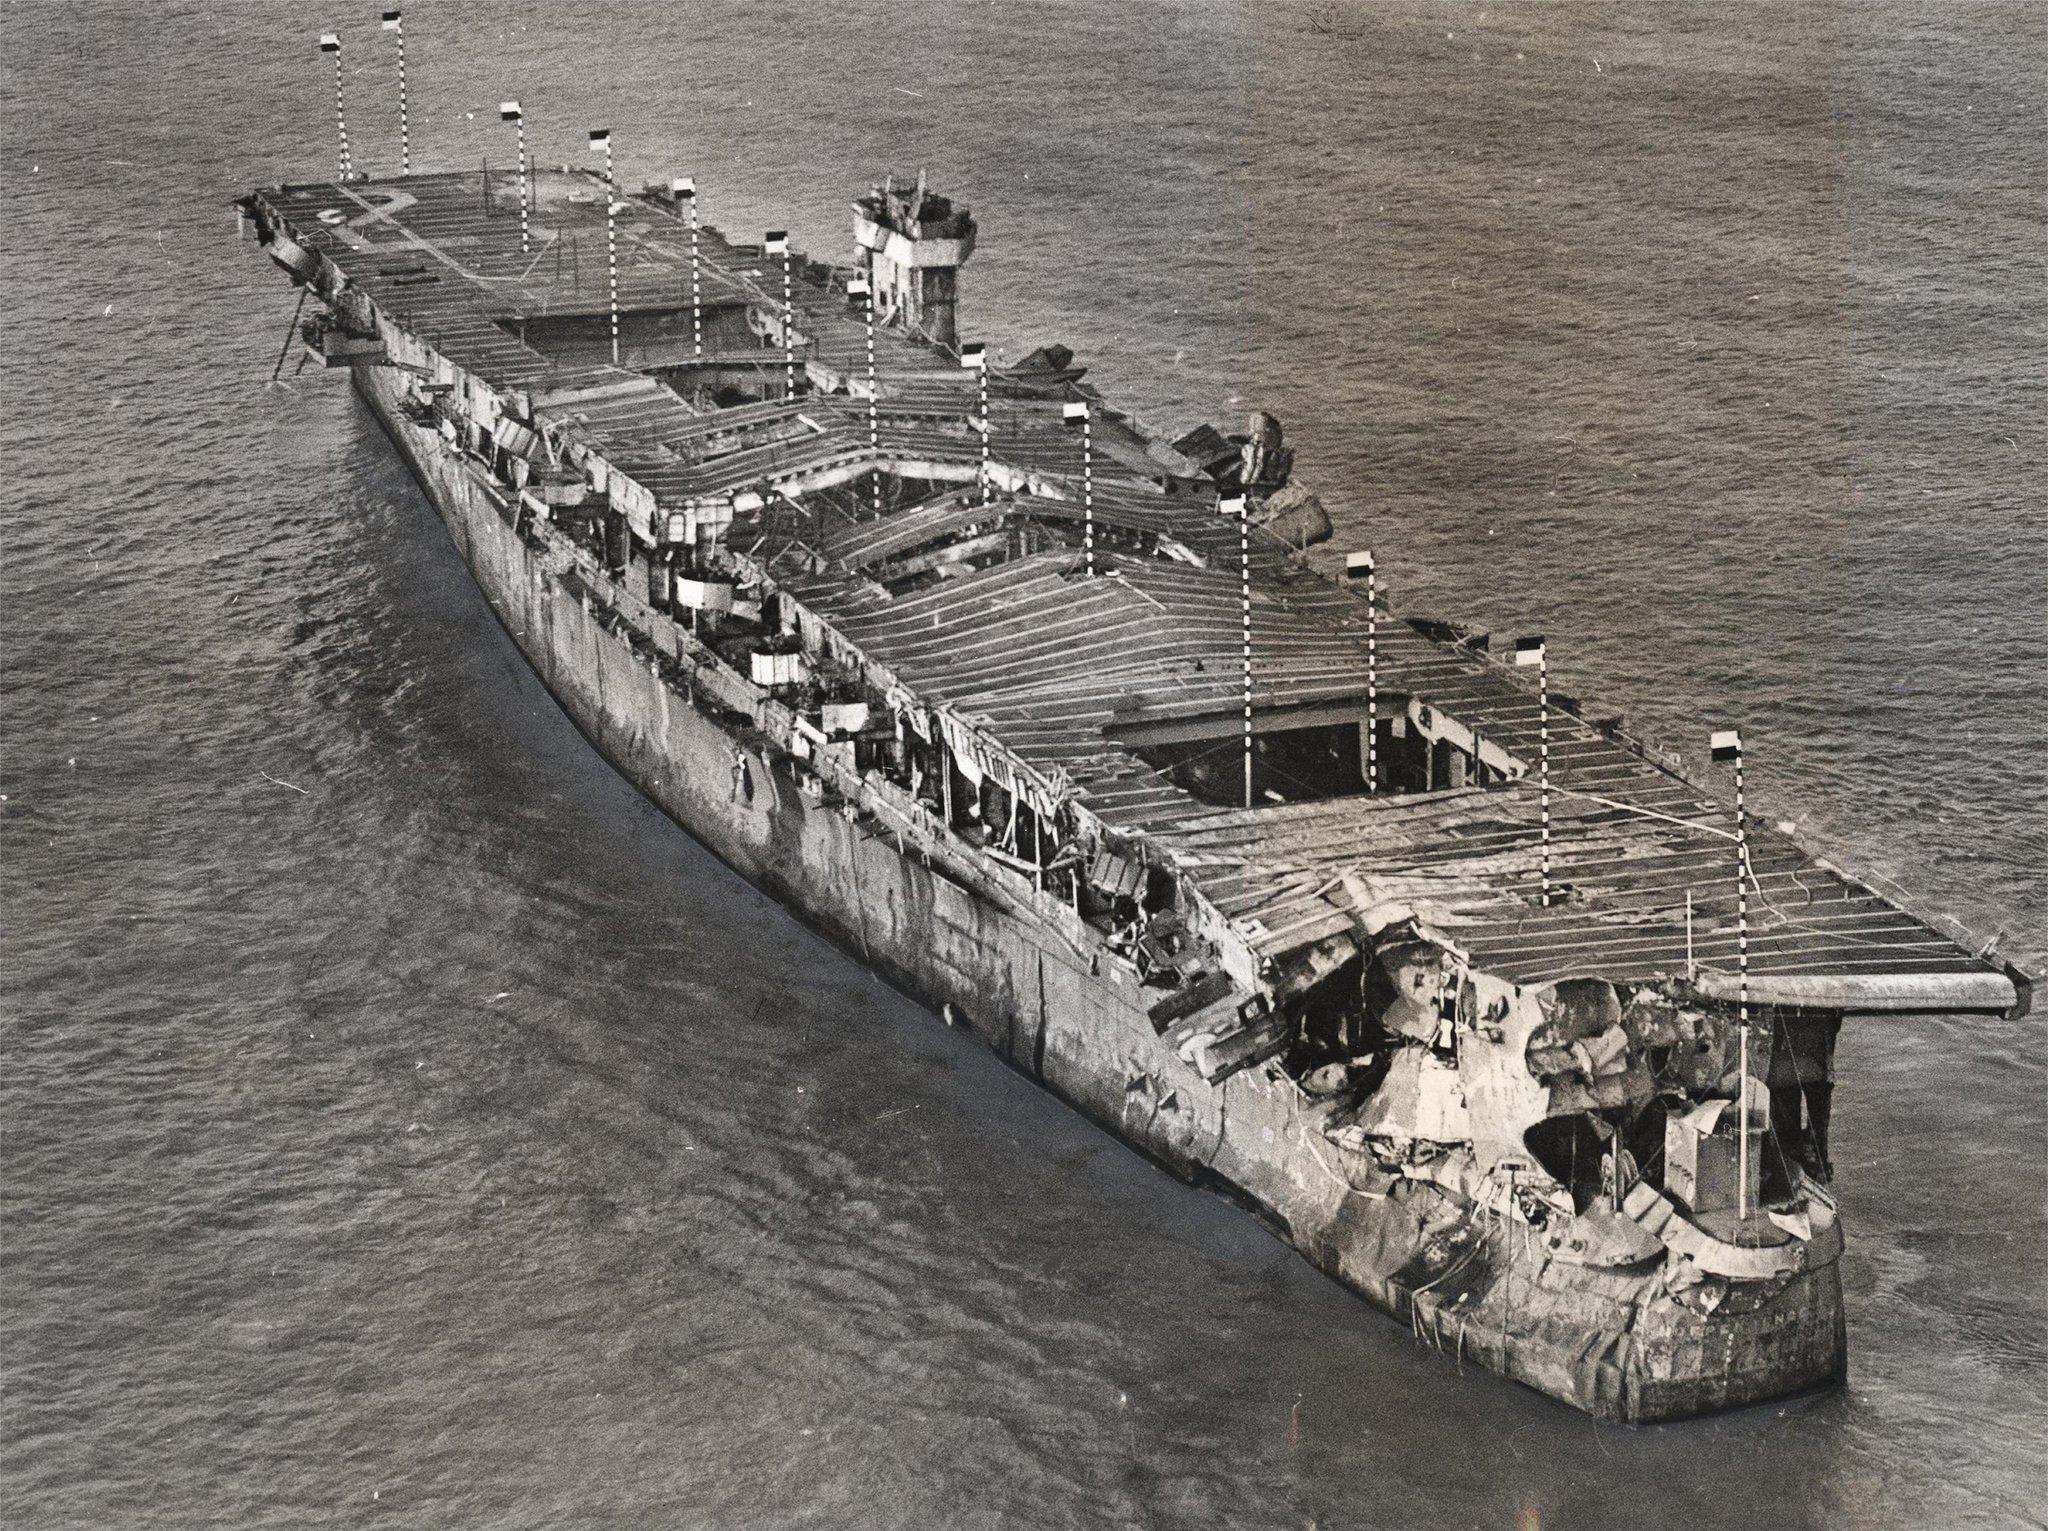 حاملة طائرات من الحرب العالمية الثانية سليمة بطائراتها تحت المحيط  CCyVH8uWAAAw1Cv